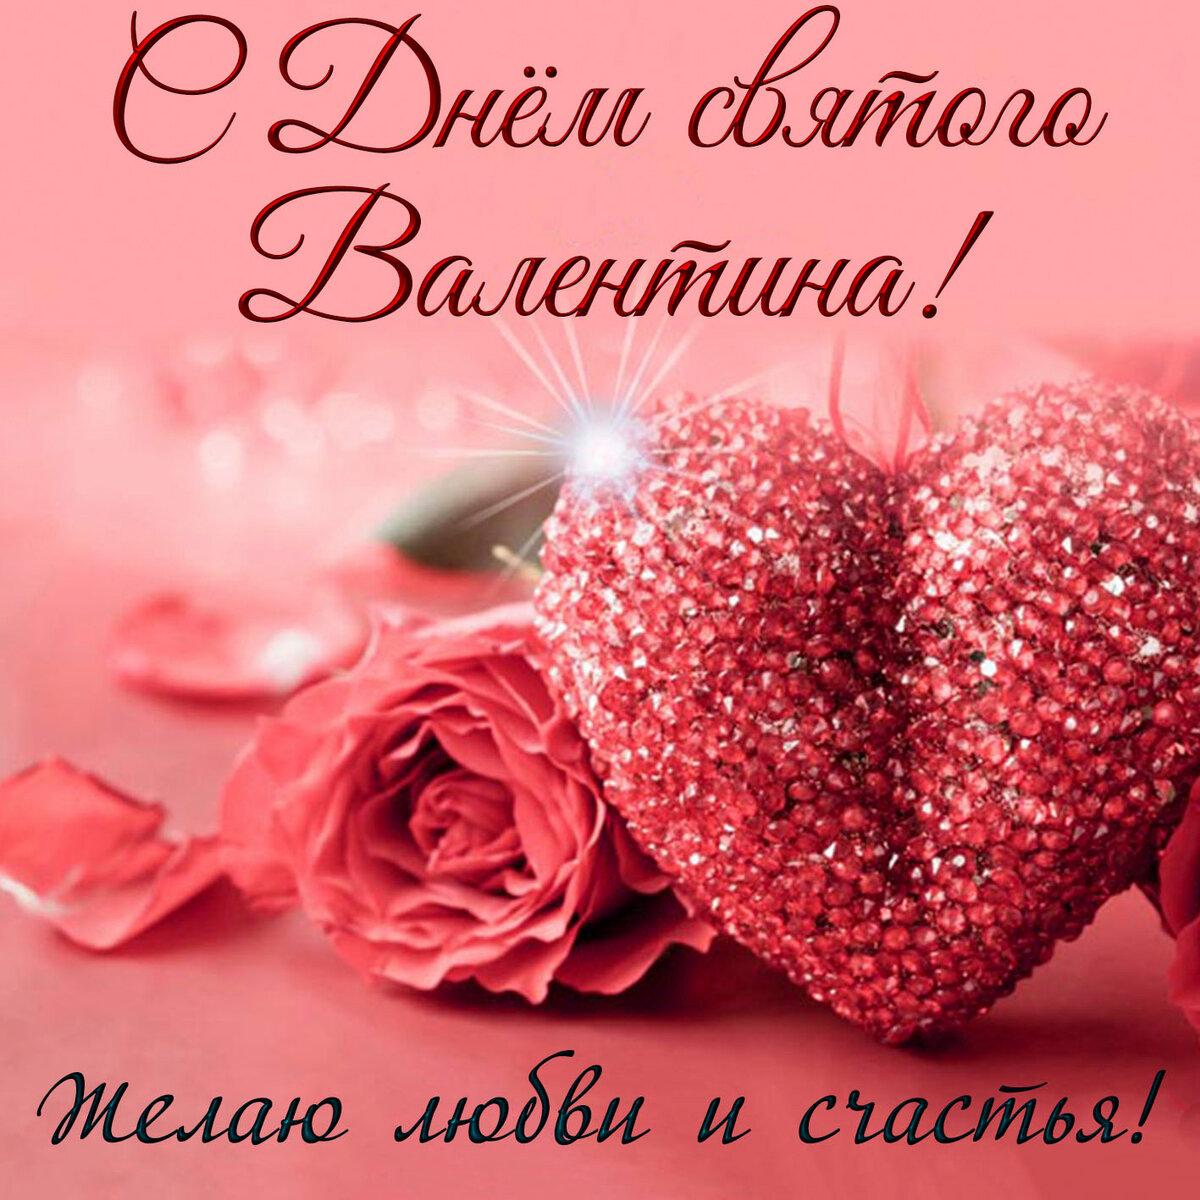 Красивые картинки день валентина